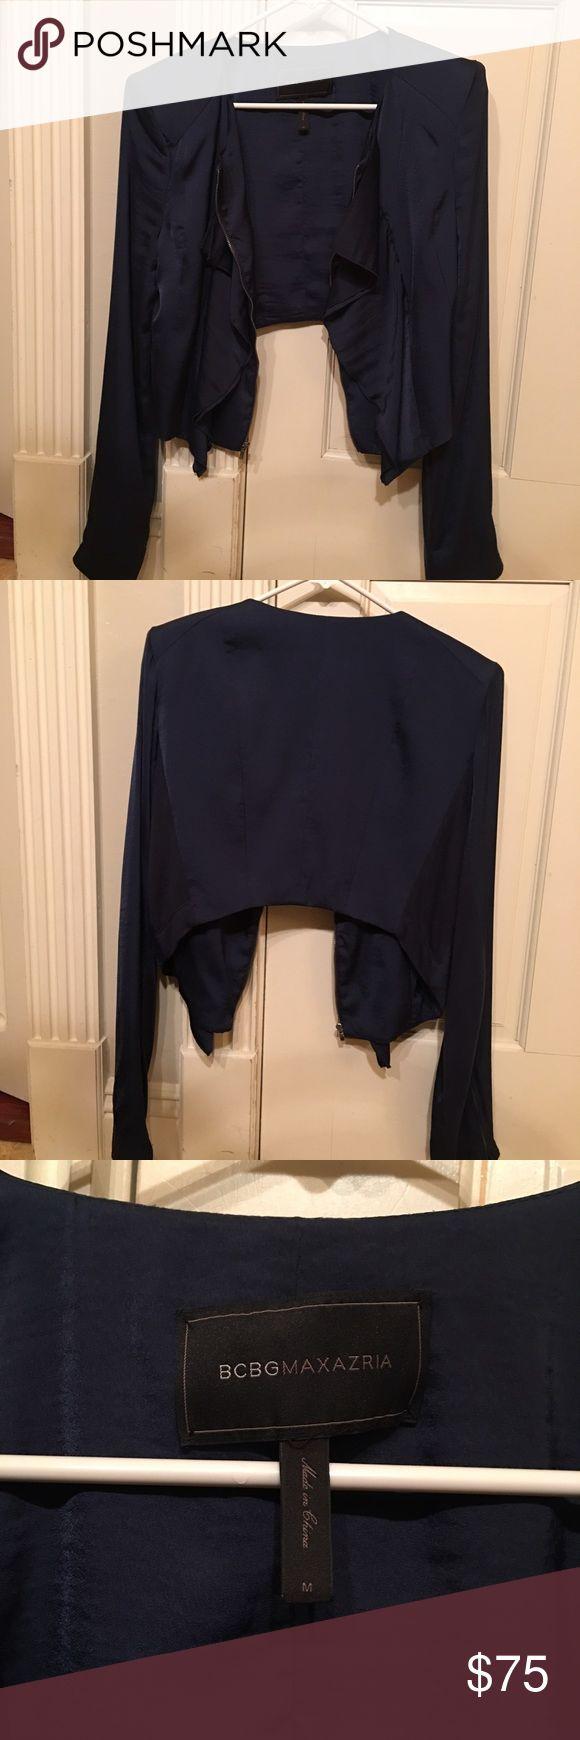 BCBG MaxAzria Cropped Blazer BCBG MaxAzria Cropped Blazer. Navy blue. Ruffle front. In like new condition BCBGMaxAzria Jackets & Coats Blazers